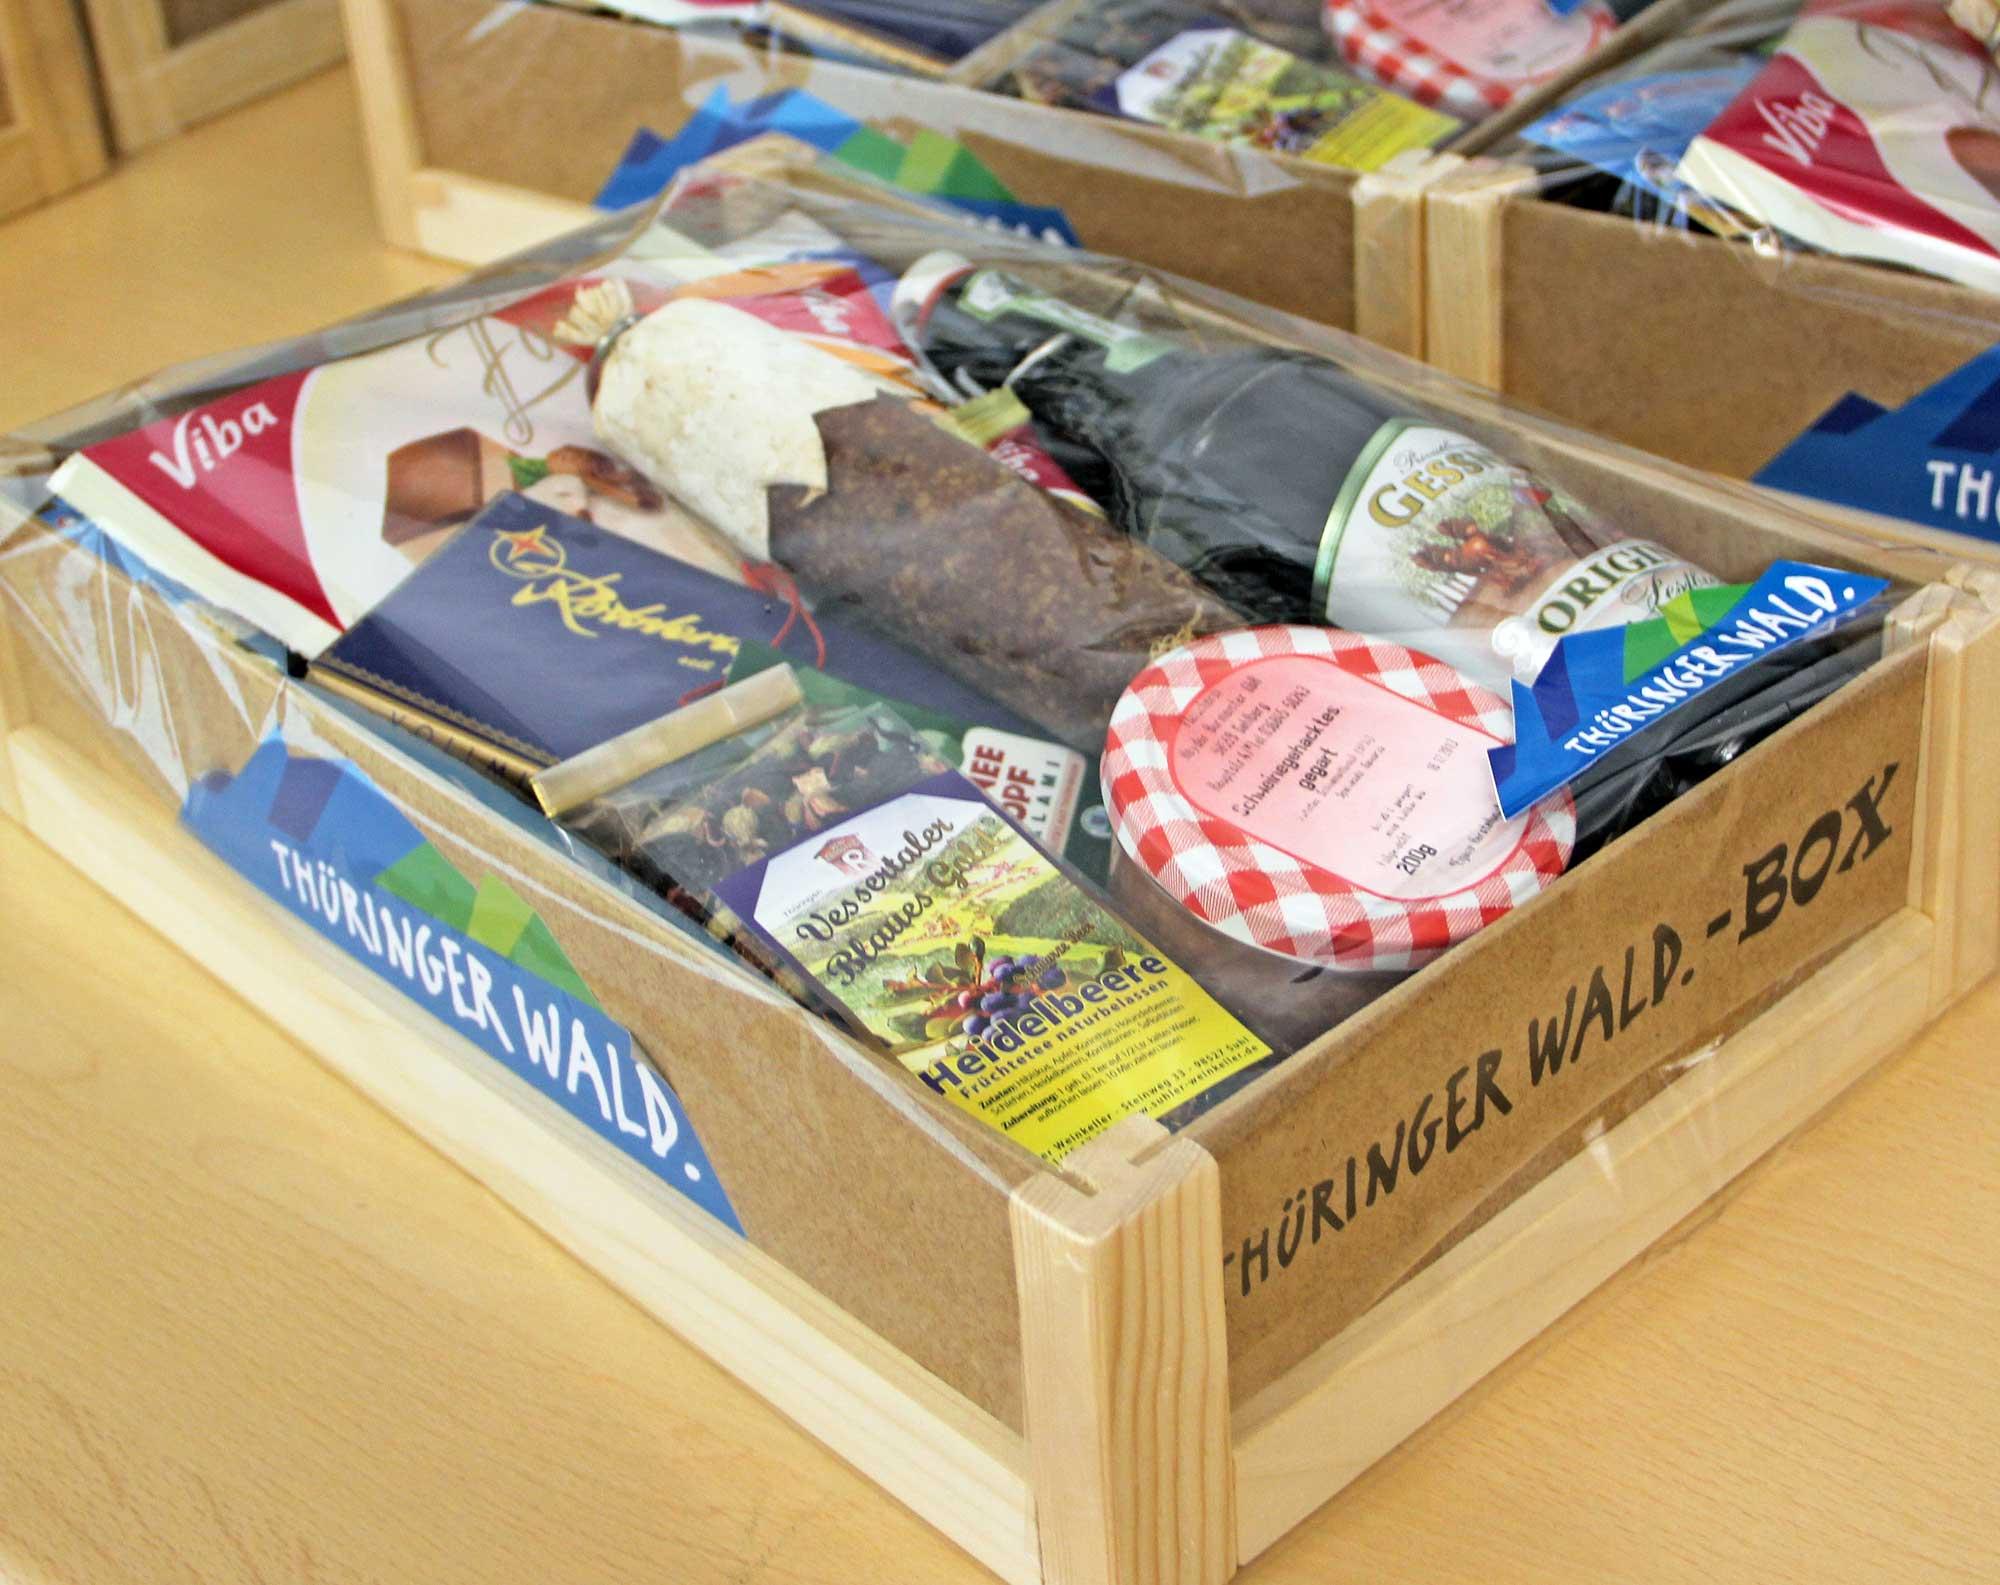 Regionale Produkte in der Thüringer Wald-Box - Foto: IHK Südthüringen